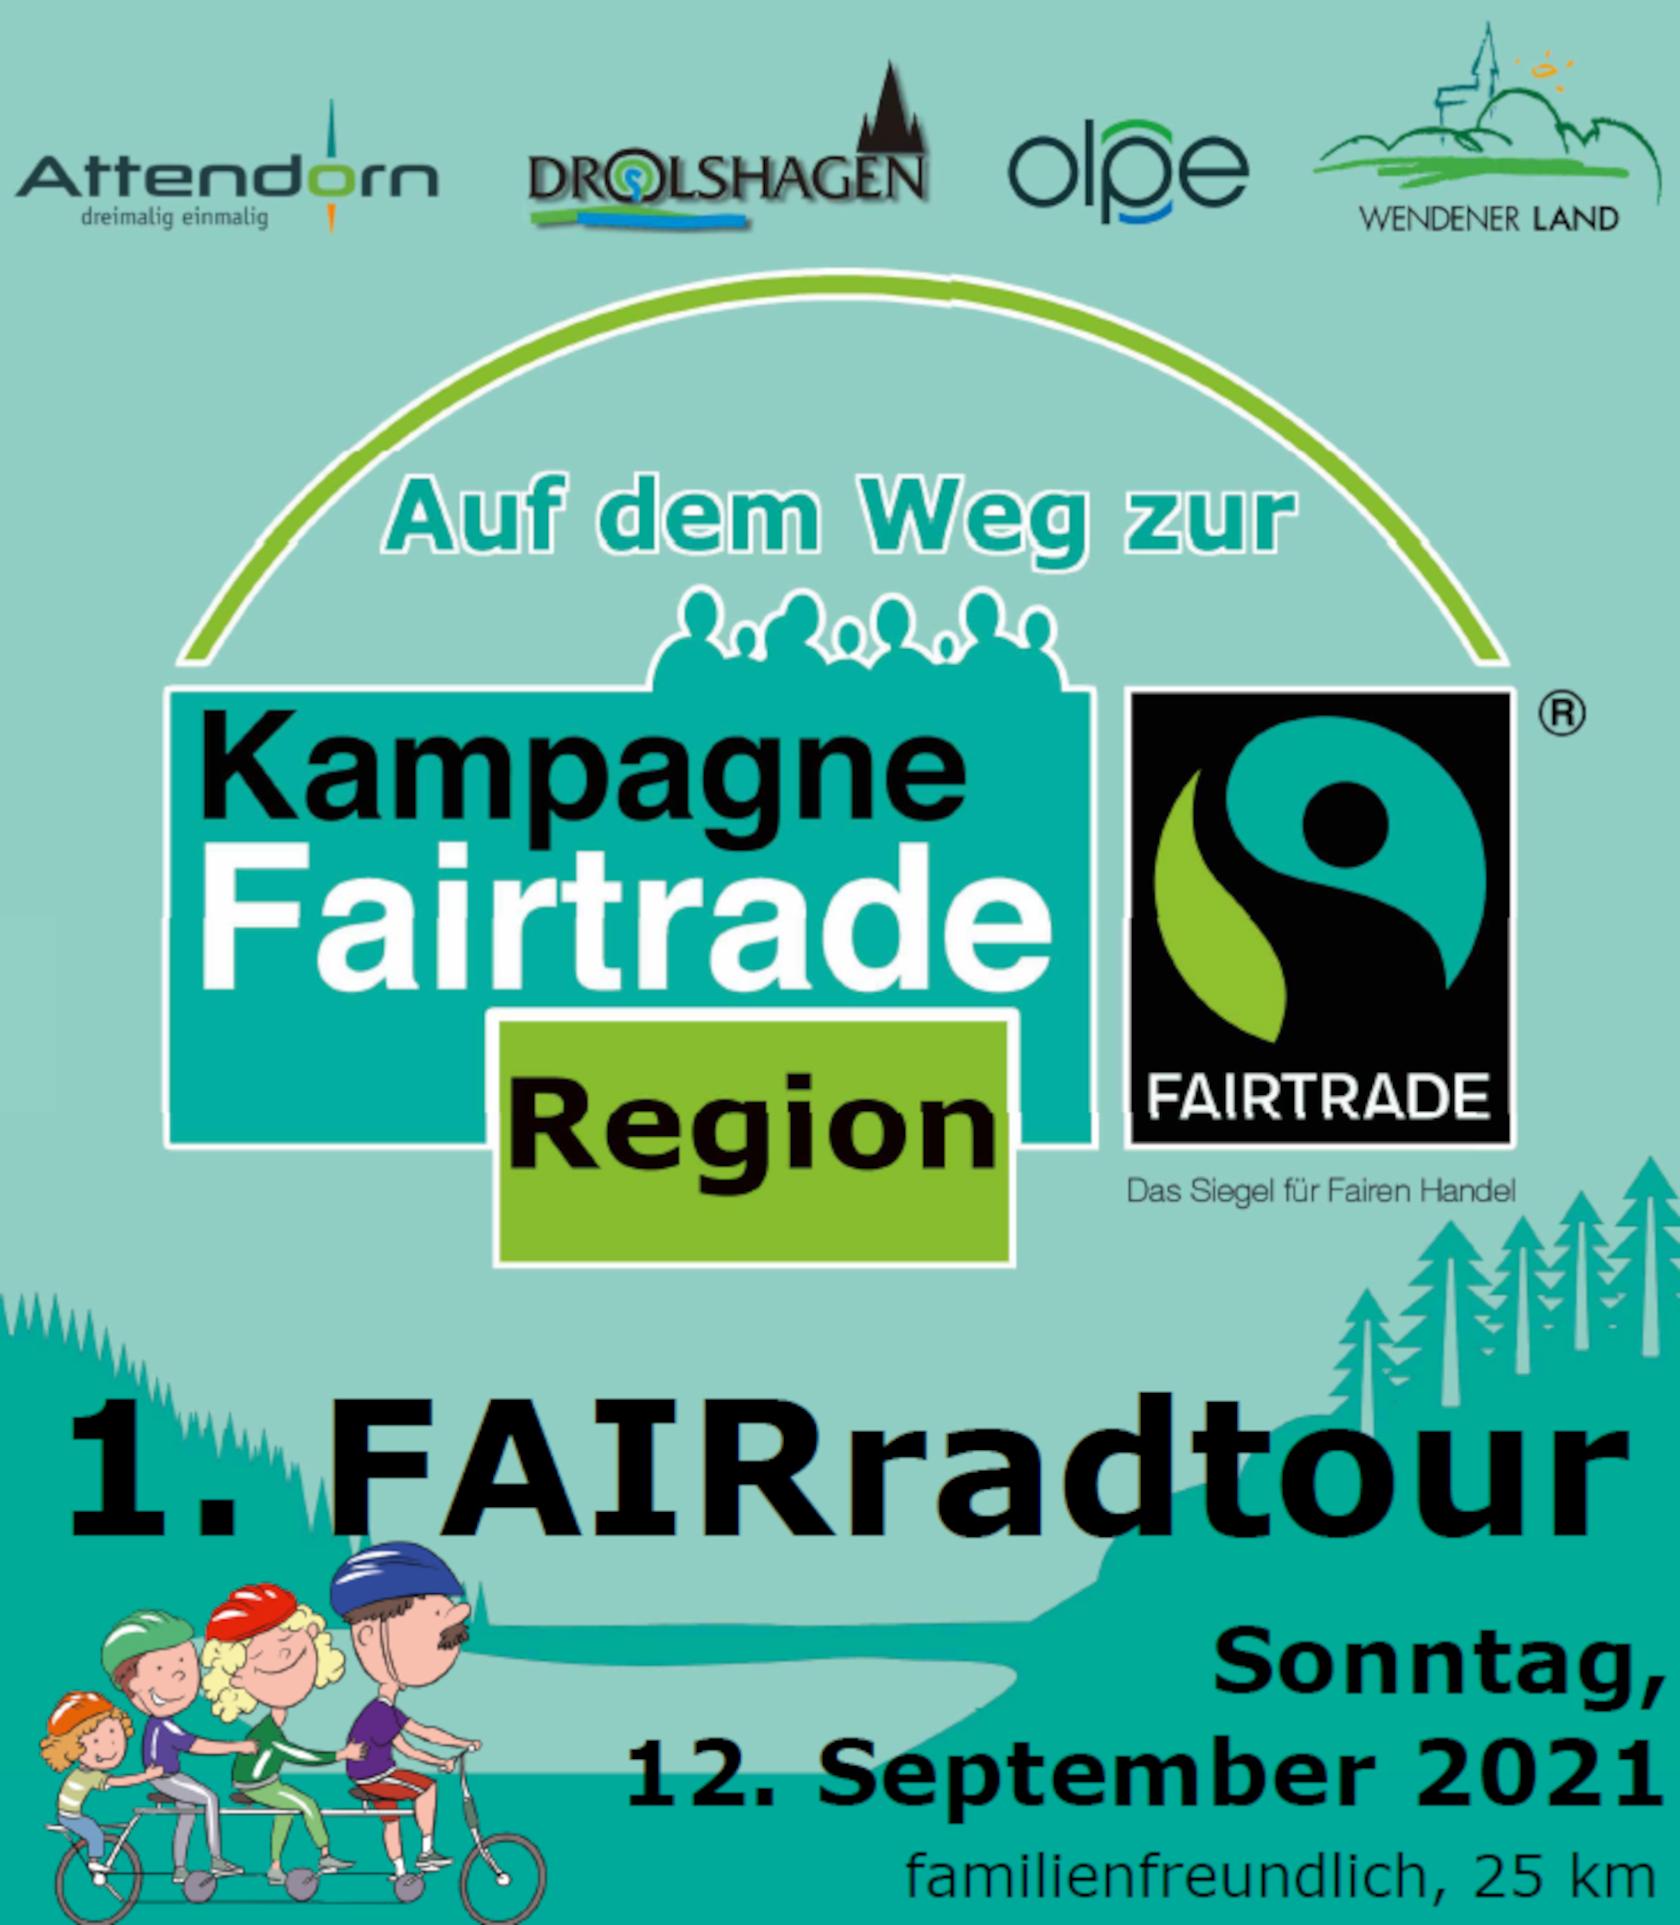 fairradtour